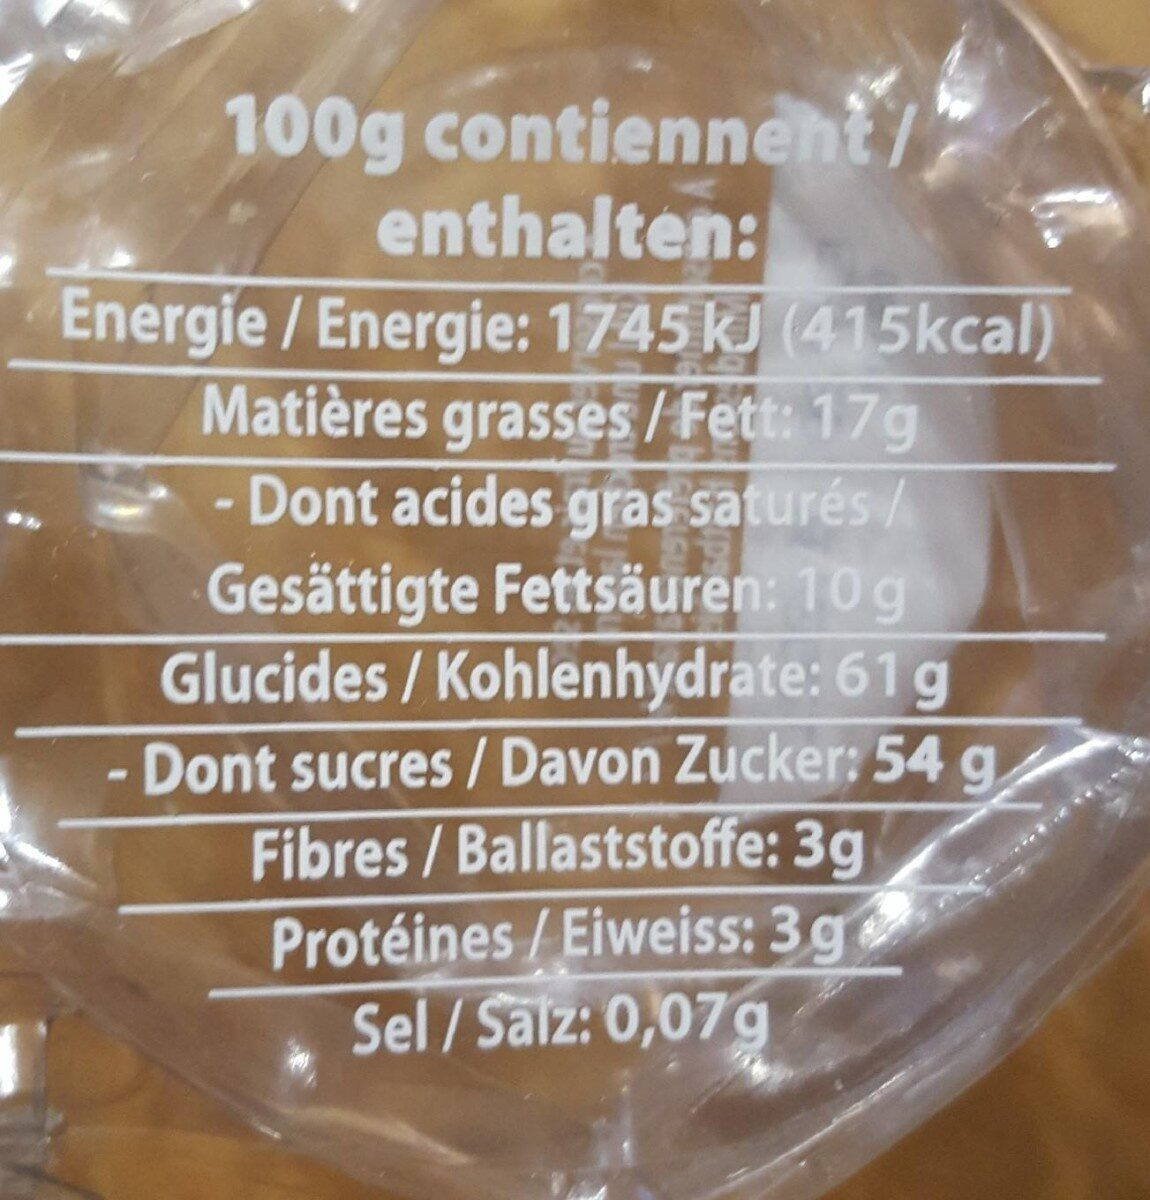 Têtes de choco - Nutrition facts - fr